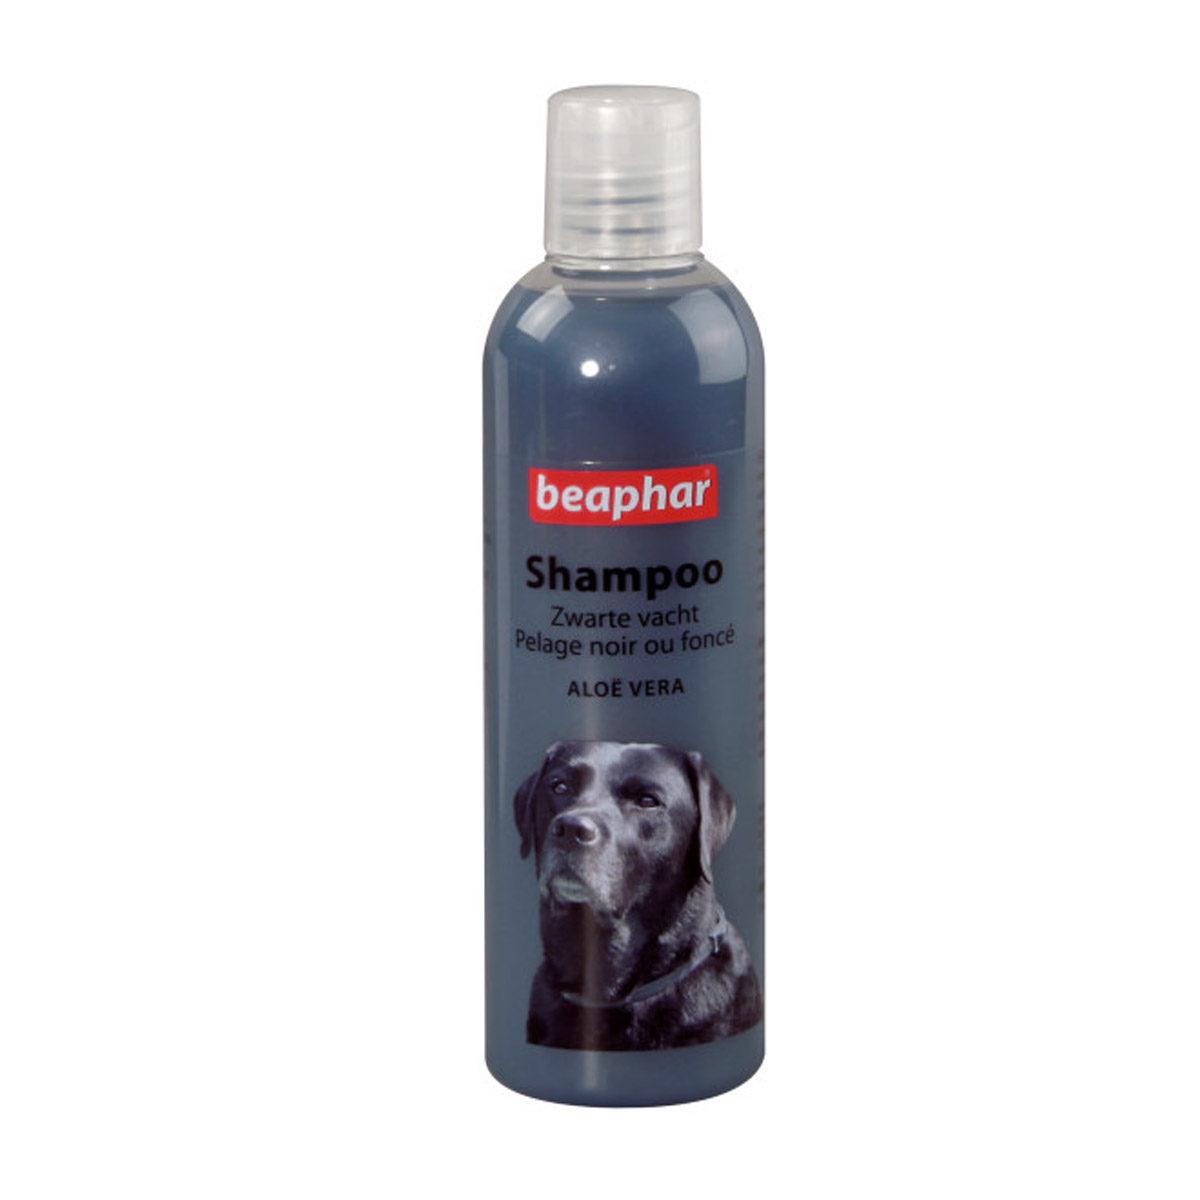 Beaphar Shampoo Hond Zwarte-Vacht 250ml